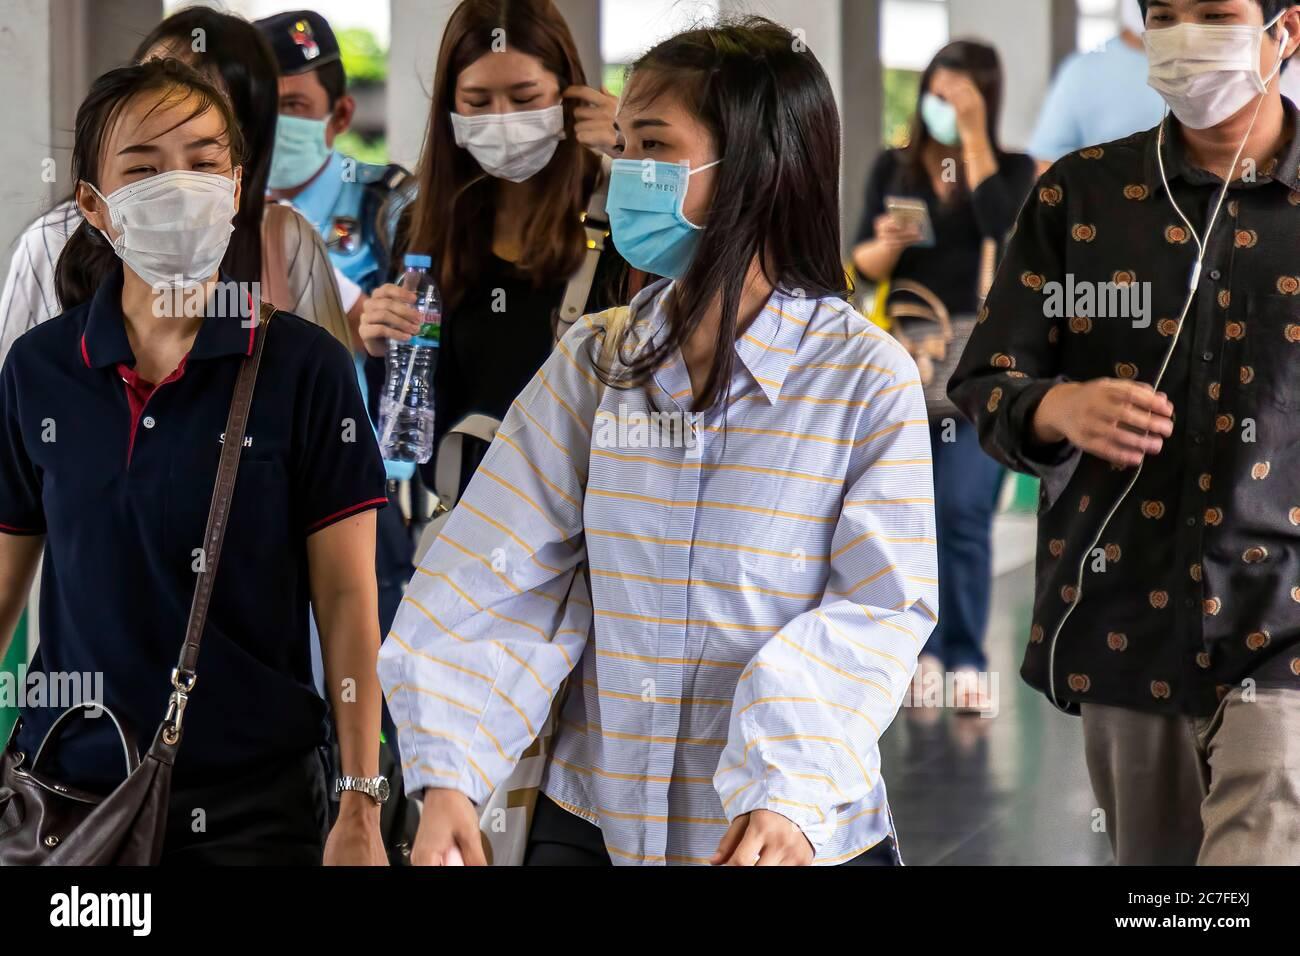 Piétons portant un masque dans la rue pendant la pandémie de Covid 19, Bangkok, Thaïlande Banque D'Images